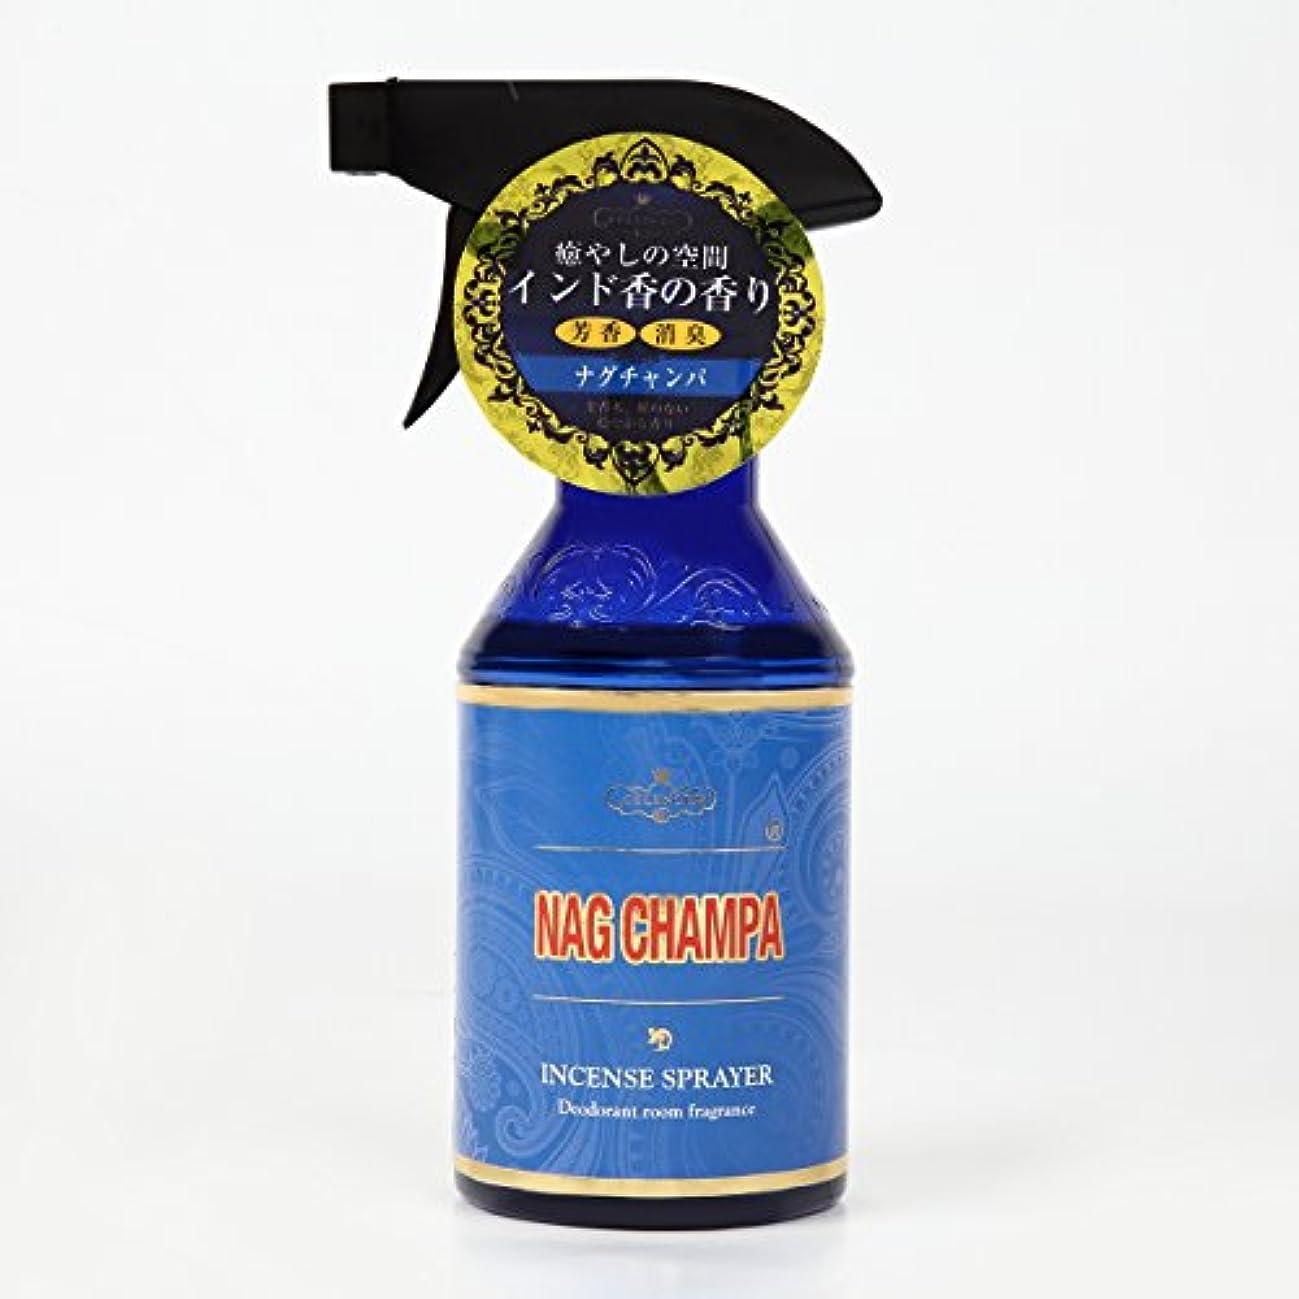 ドメイン戦術パーセントお香の香りの芳香剤 セレンスフレグランスルームスプレー ナグチャンパ